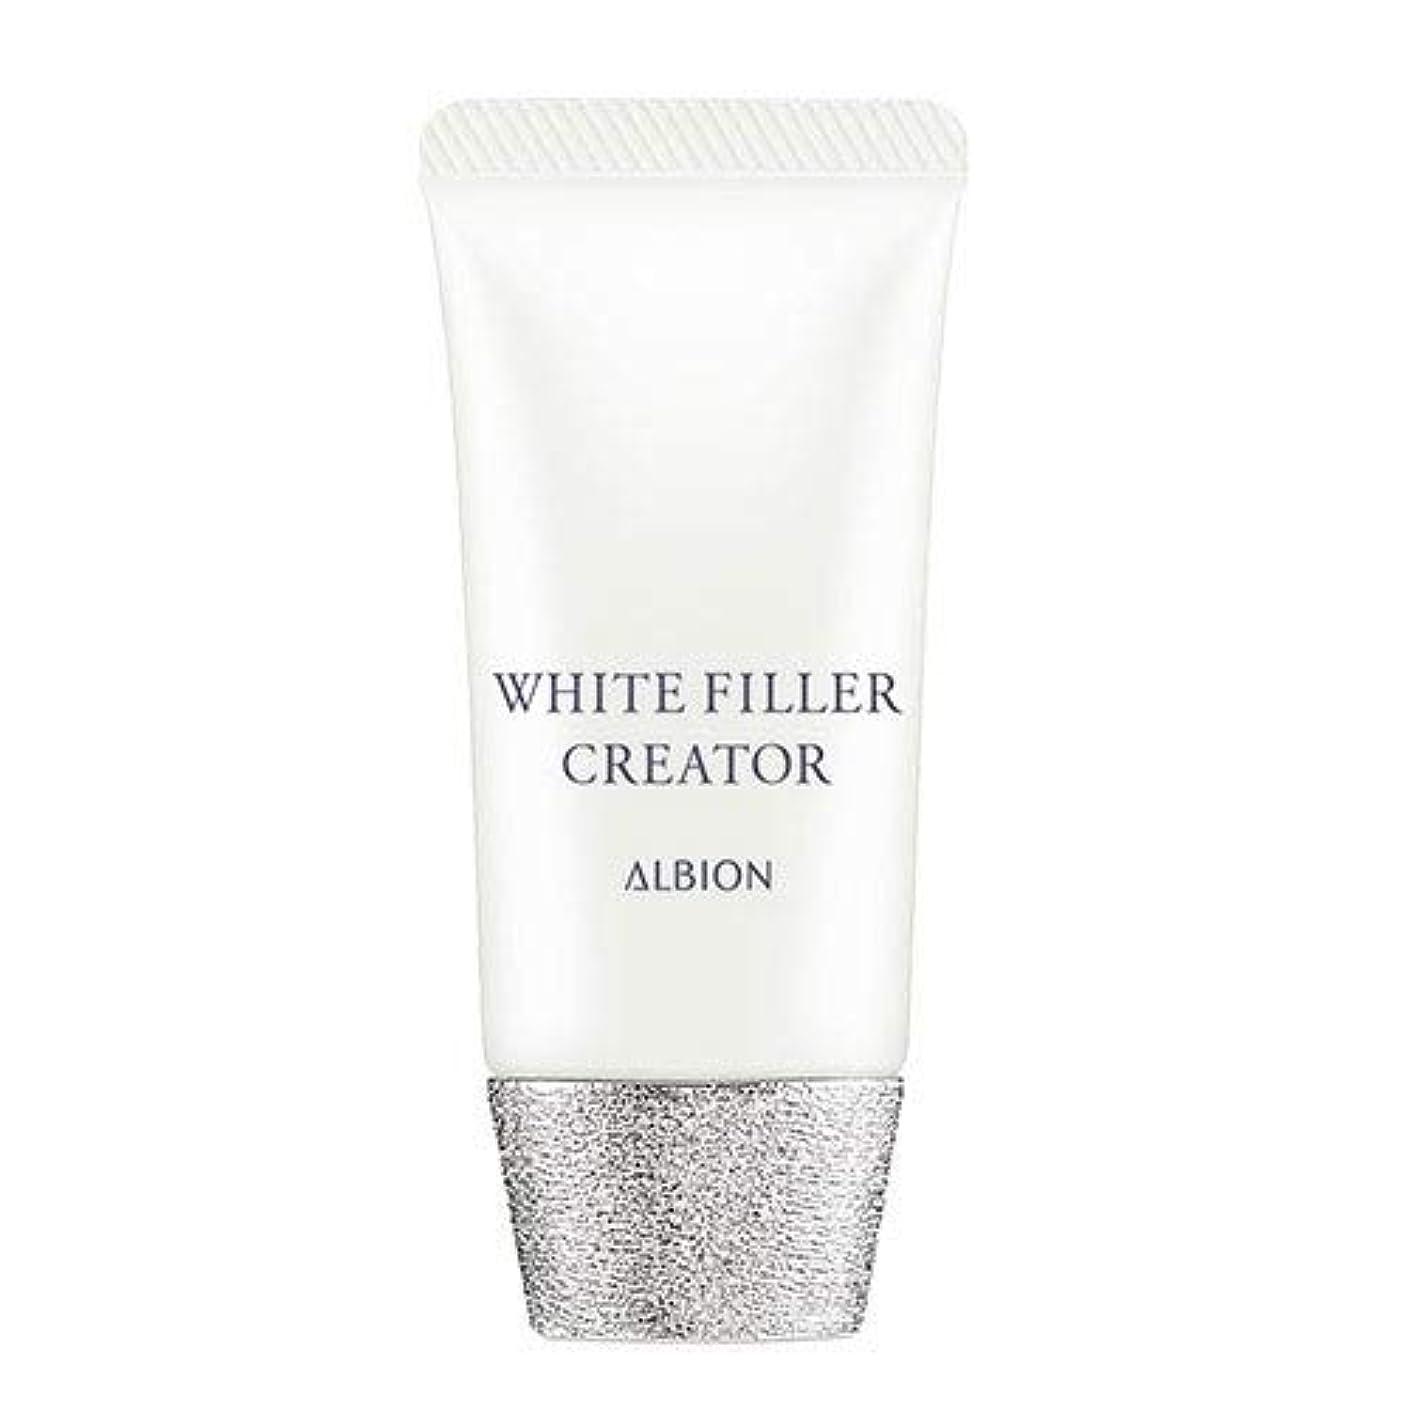 オリエンタル形容詞失望させるアルビオン ホワイトフィラー クリエイター SPF35?PA+++ 30g -ALBION-